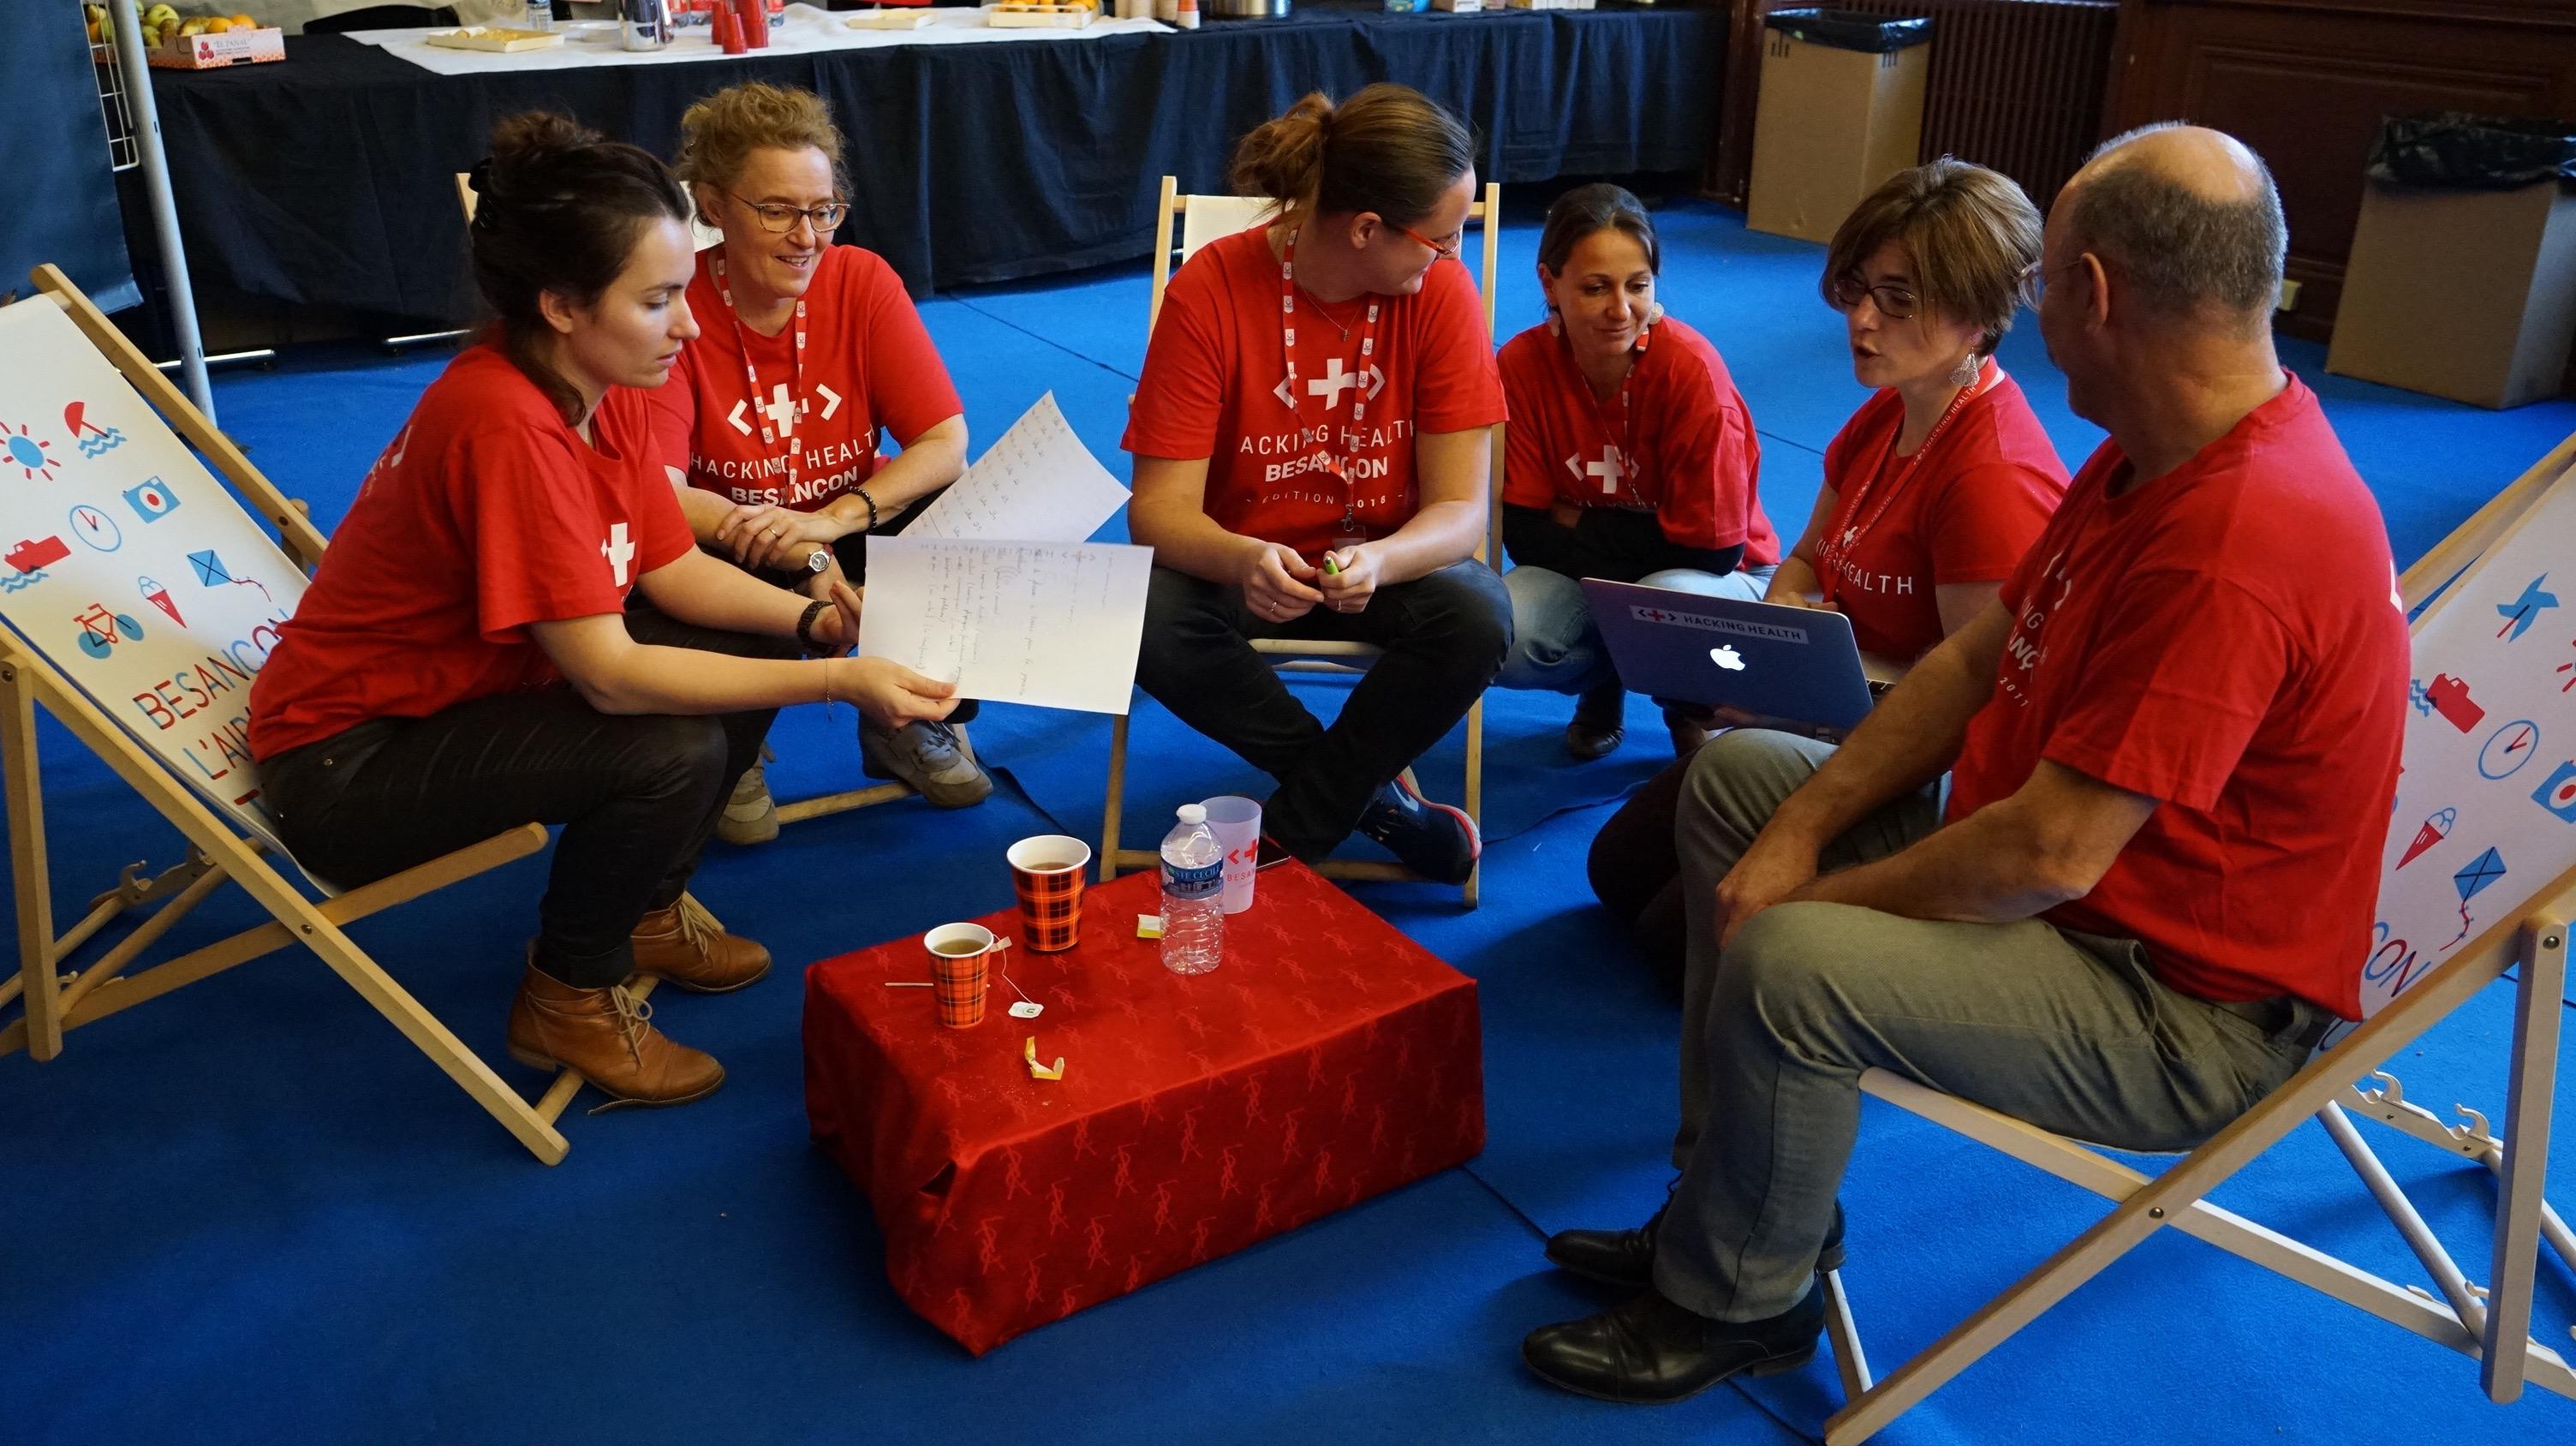 Le Hackathon Santé Par Hacking Health Besançon